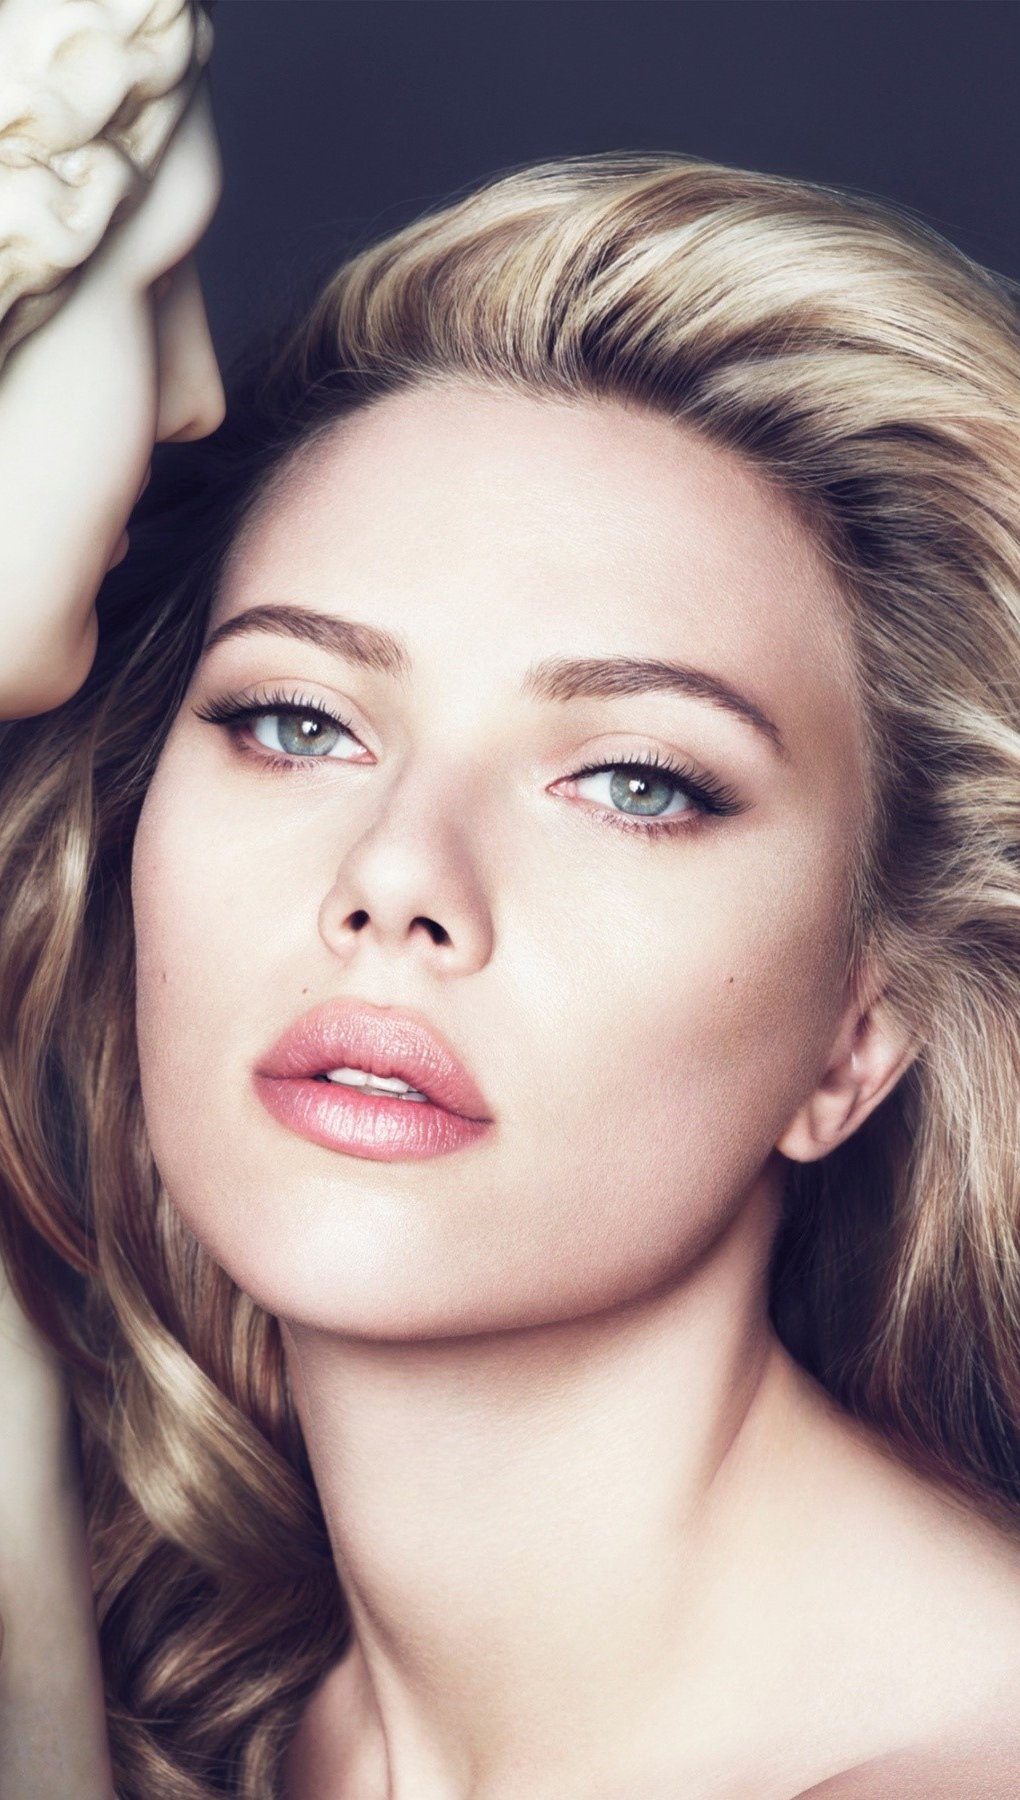 Wallpaper Scarlett Johansson for Dolce Gabbana Vertical